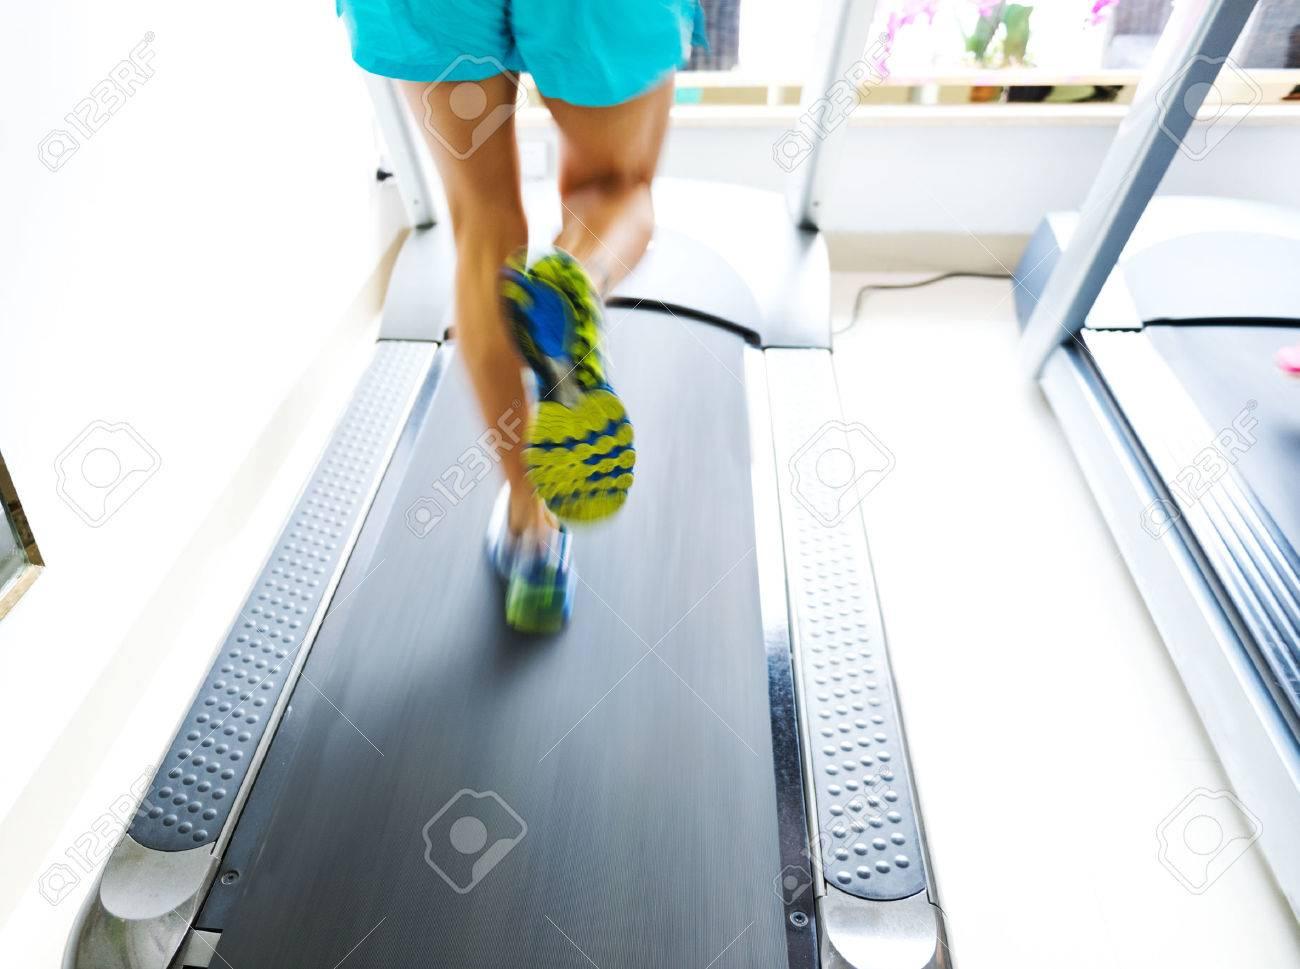 People running on a treadmill Stock Photo - 35414622